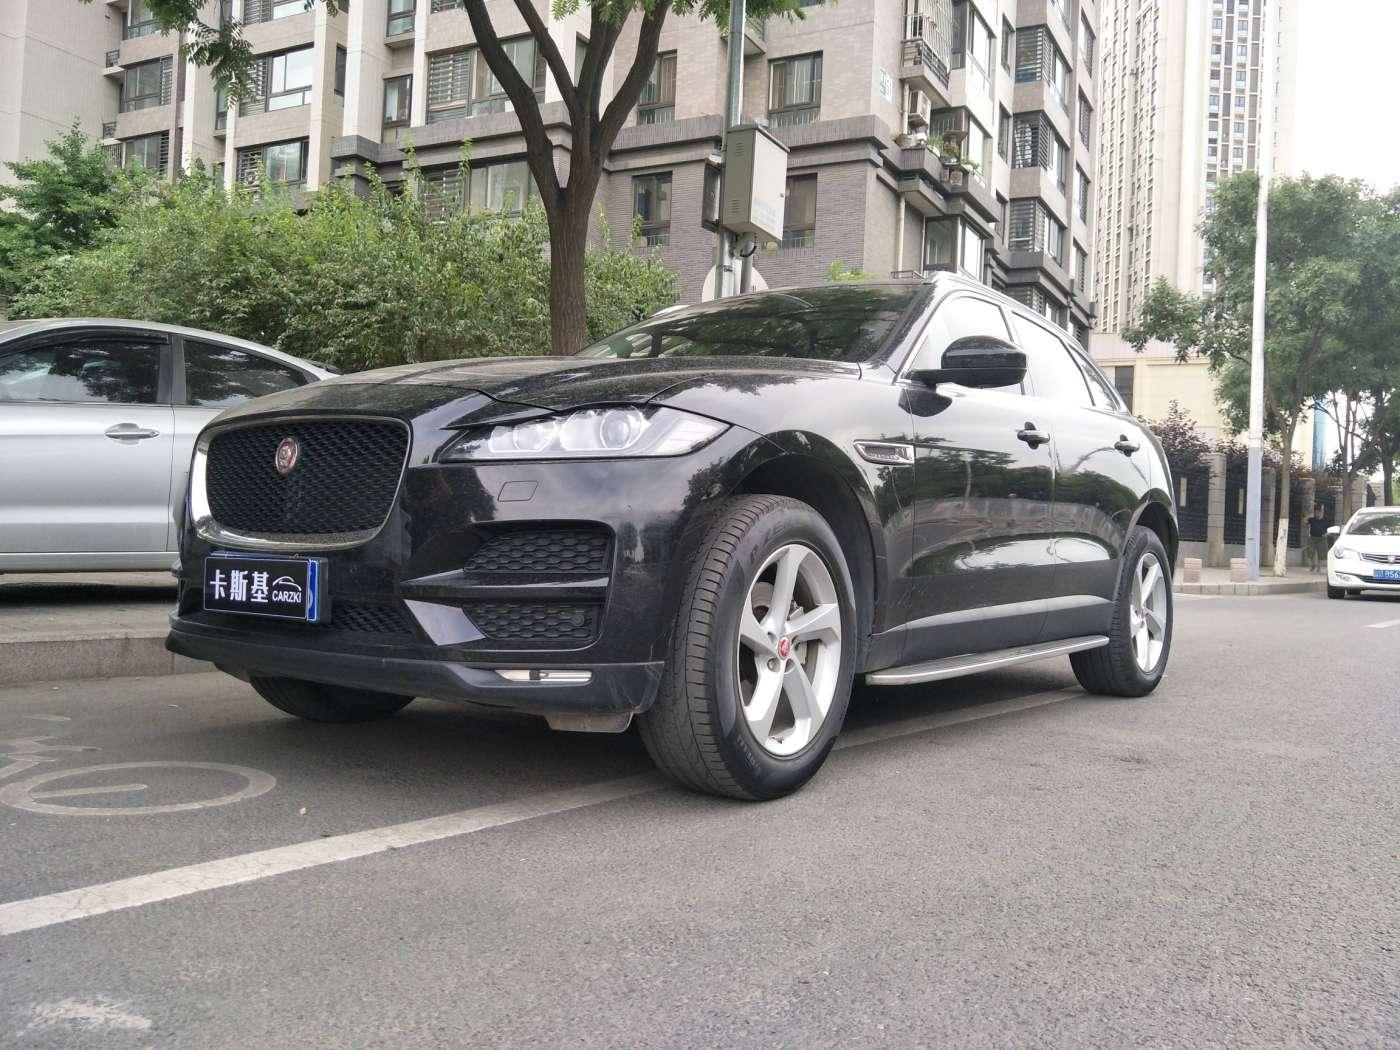 2017年01月 2016款 捷豹F-PACE 2.0T 都市尊享版|甄选捷豹路虎-北京卡斯基汽车服务有限公司